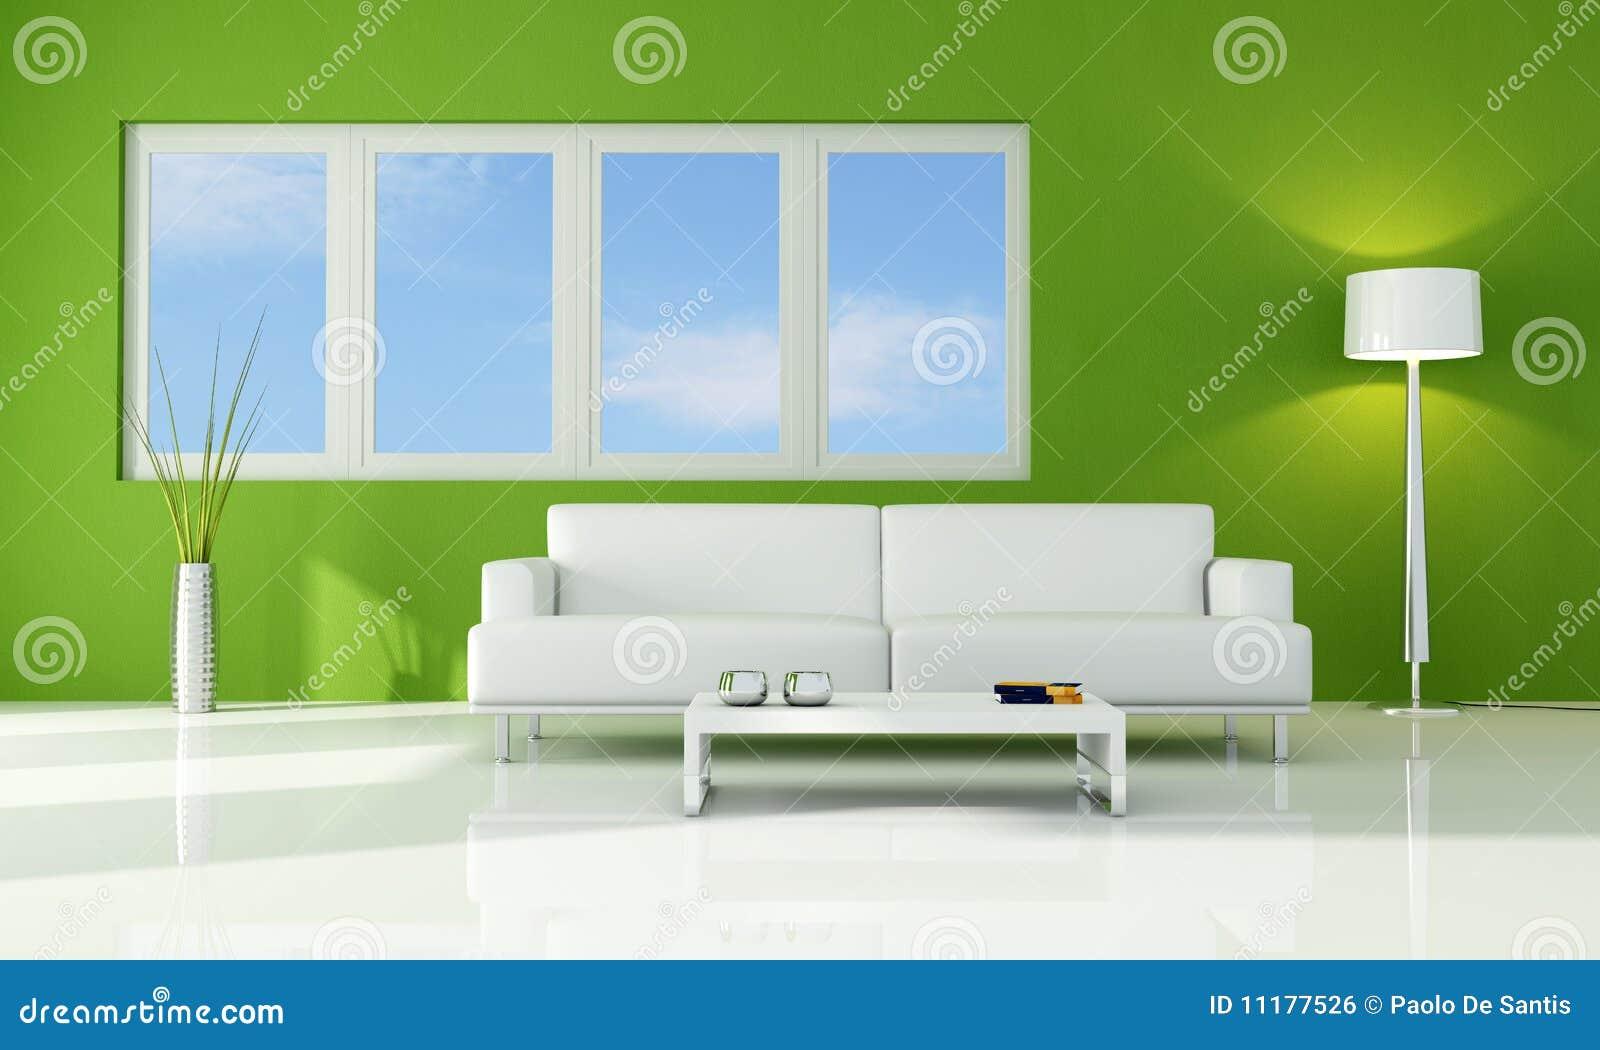 Sala De Estar Verde ~ Sofá branco de encontro aos indicadores em uma sala de estar verde